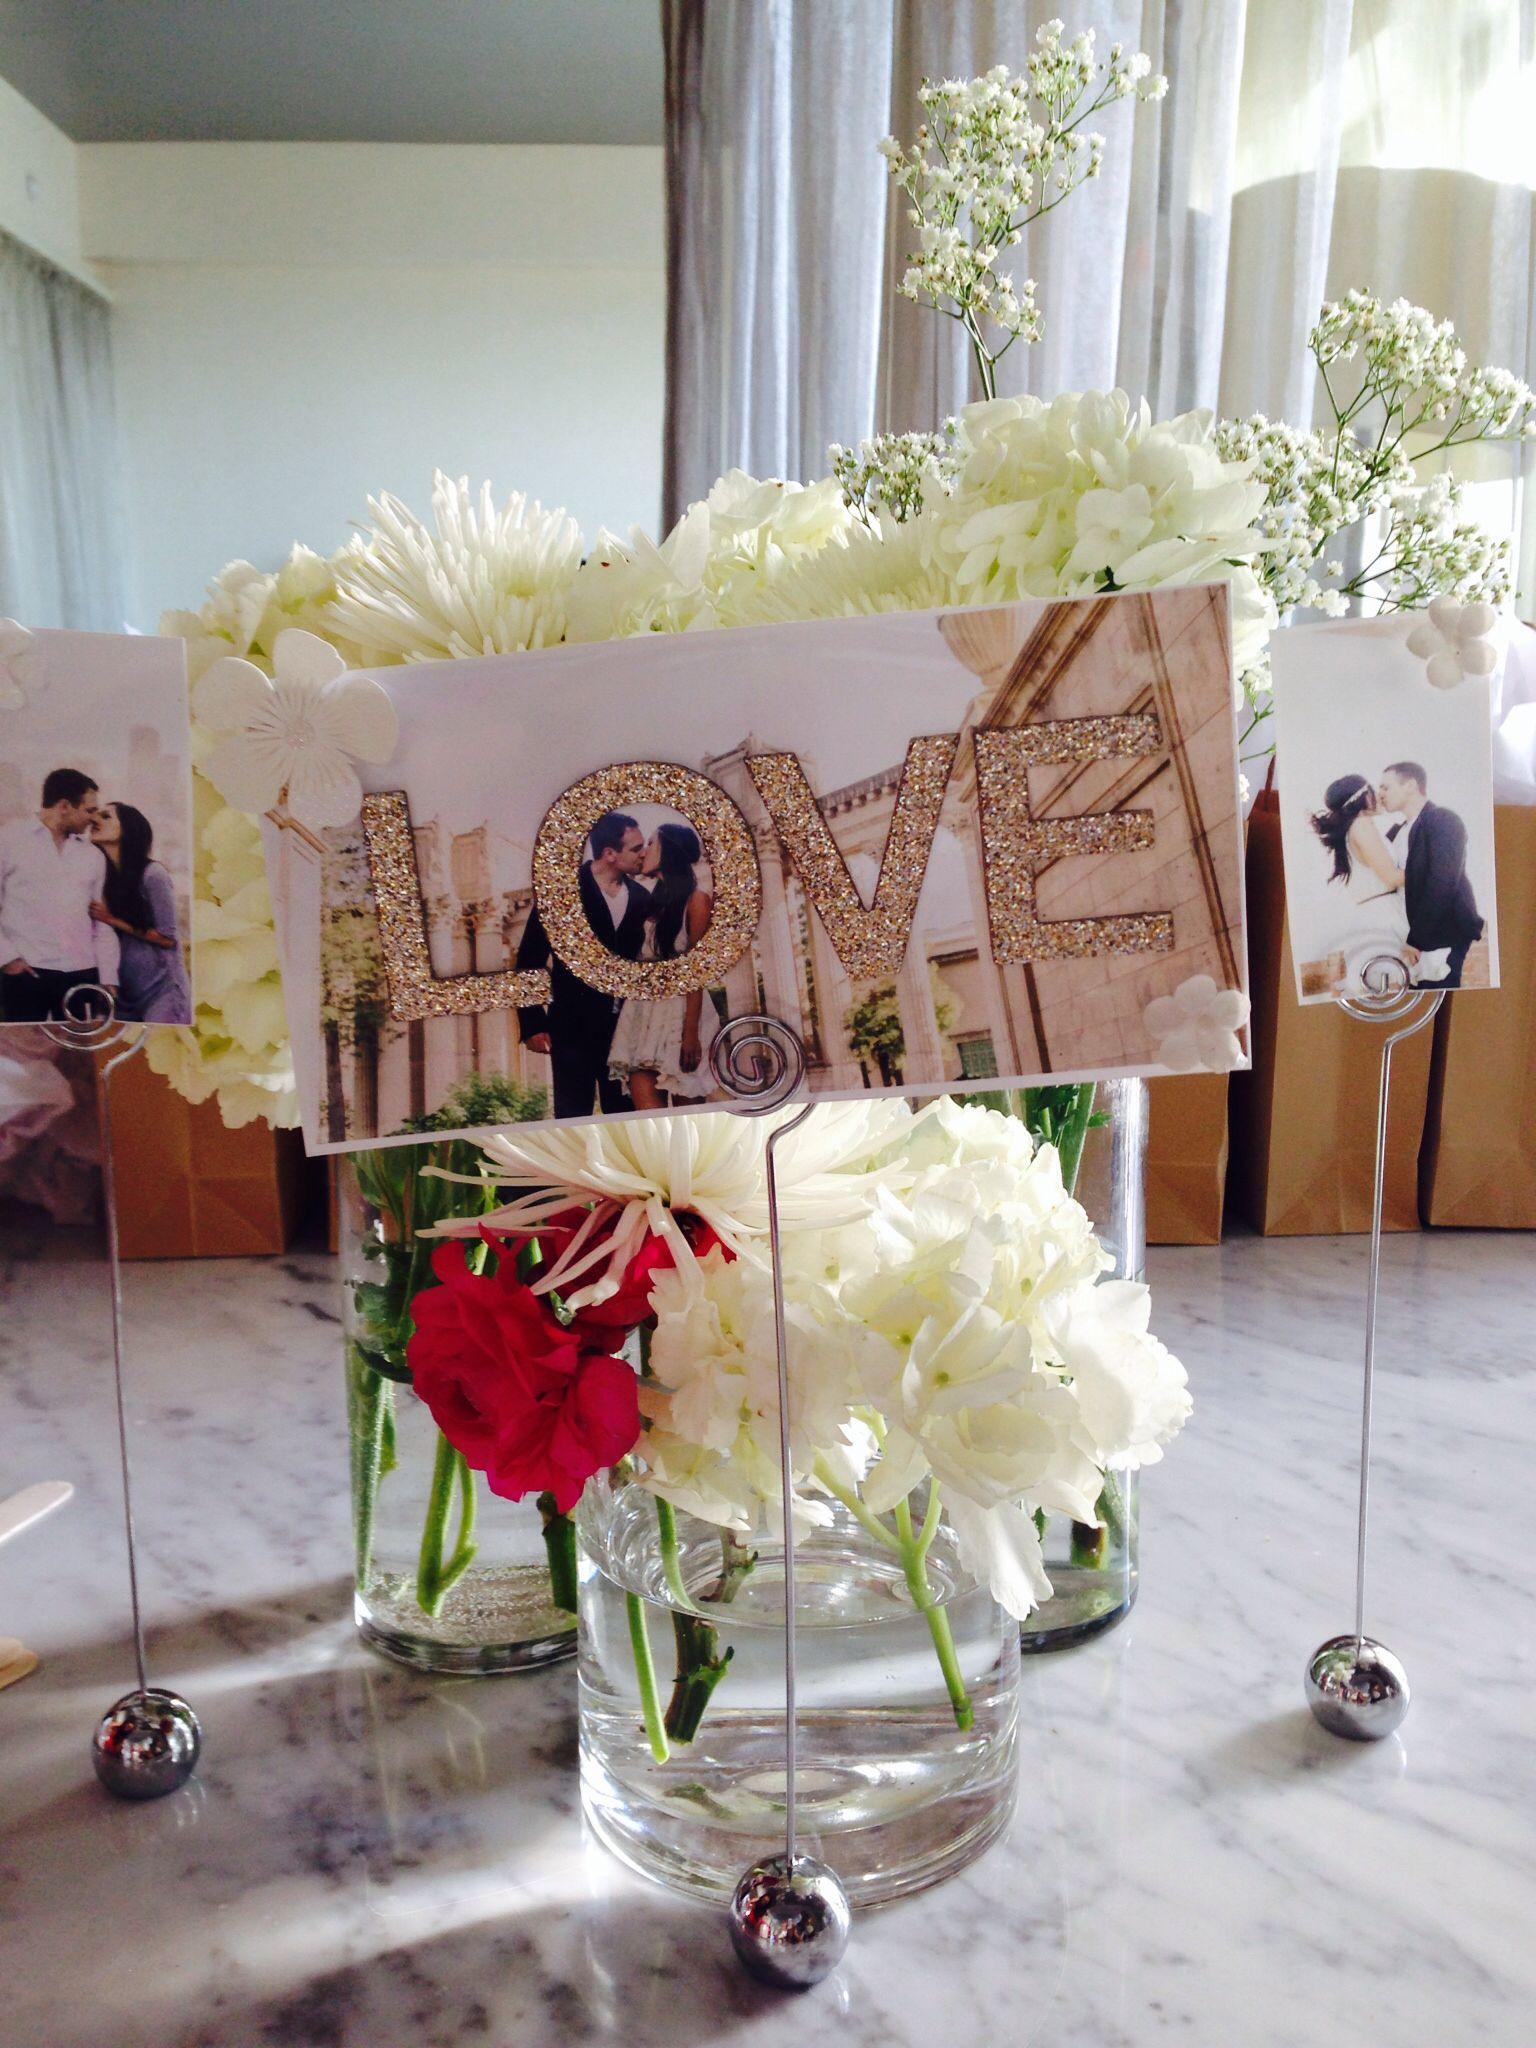 Cute Wedding Shower Decorations : Cute bridal shower ideas